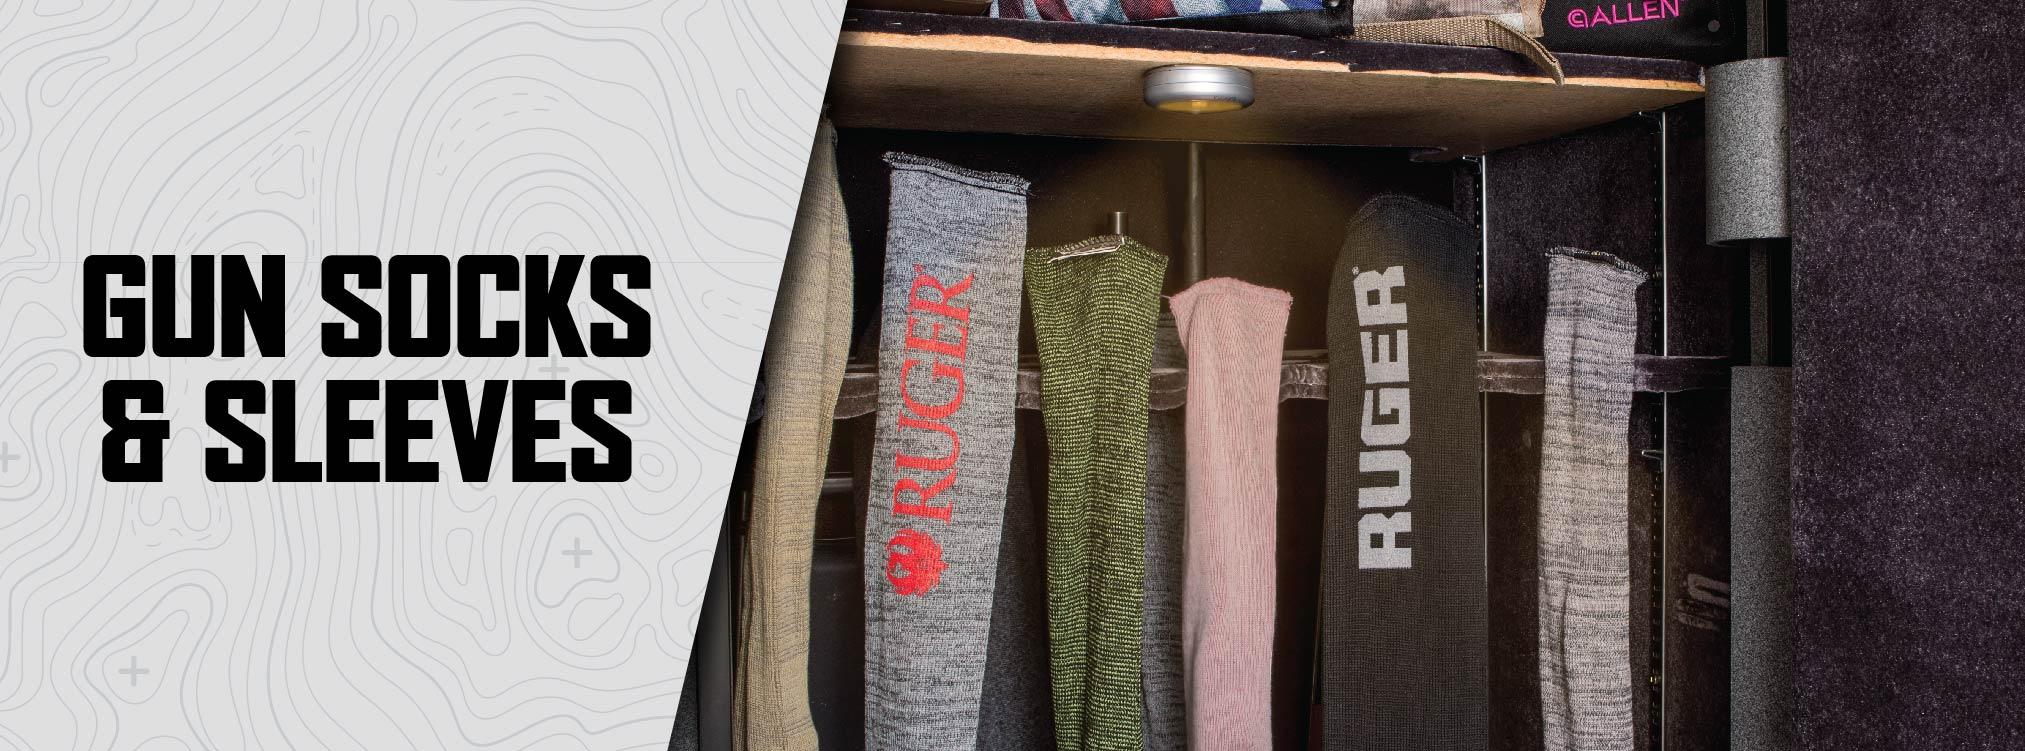 Socks & Sleeves